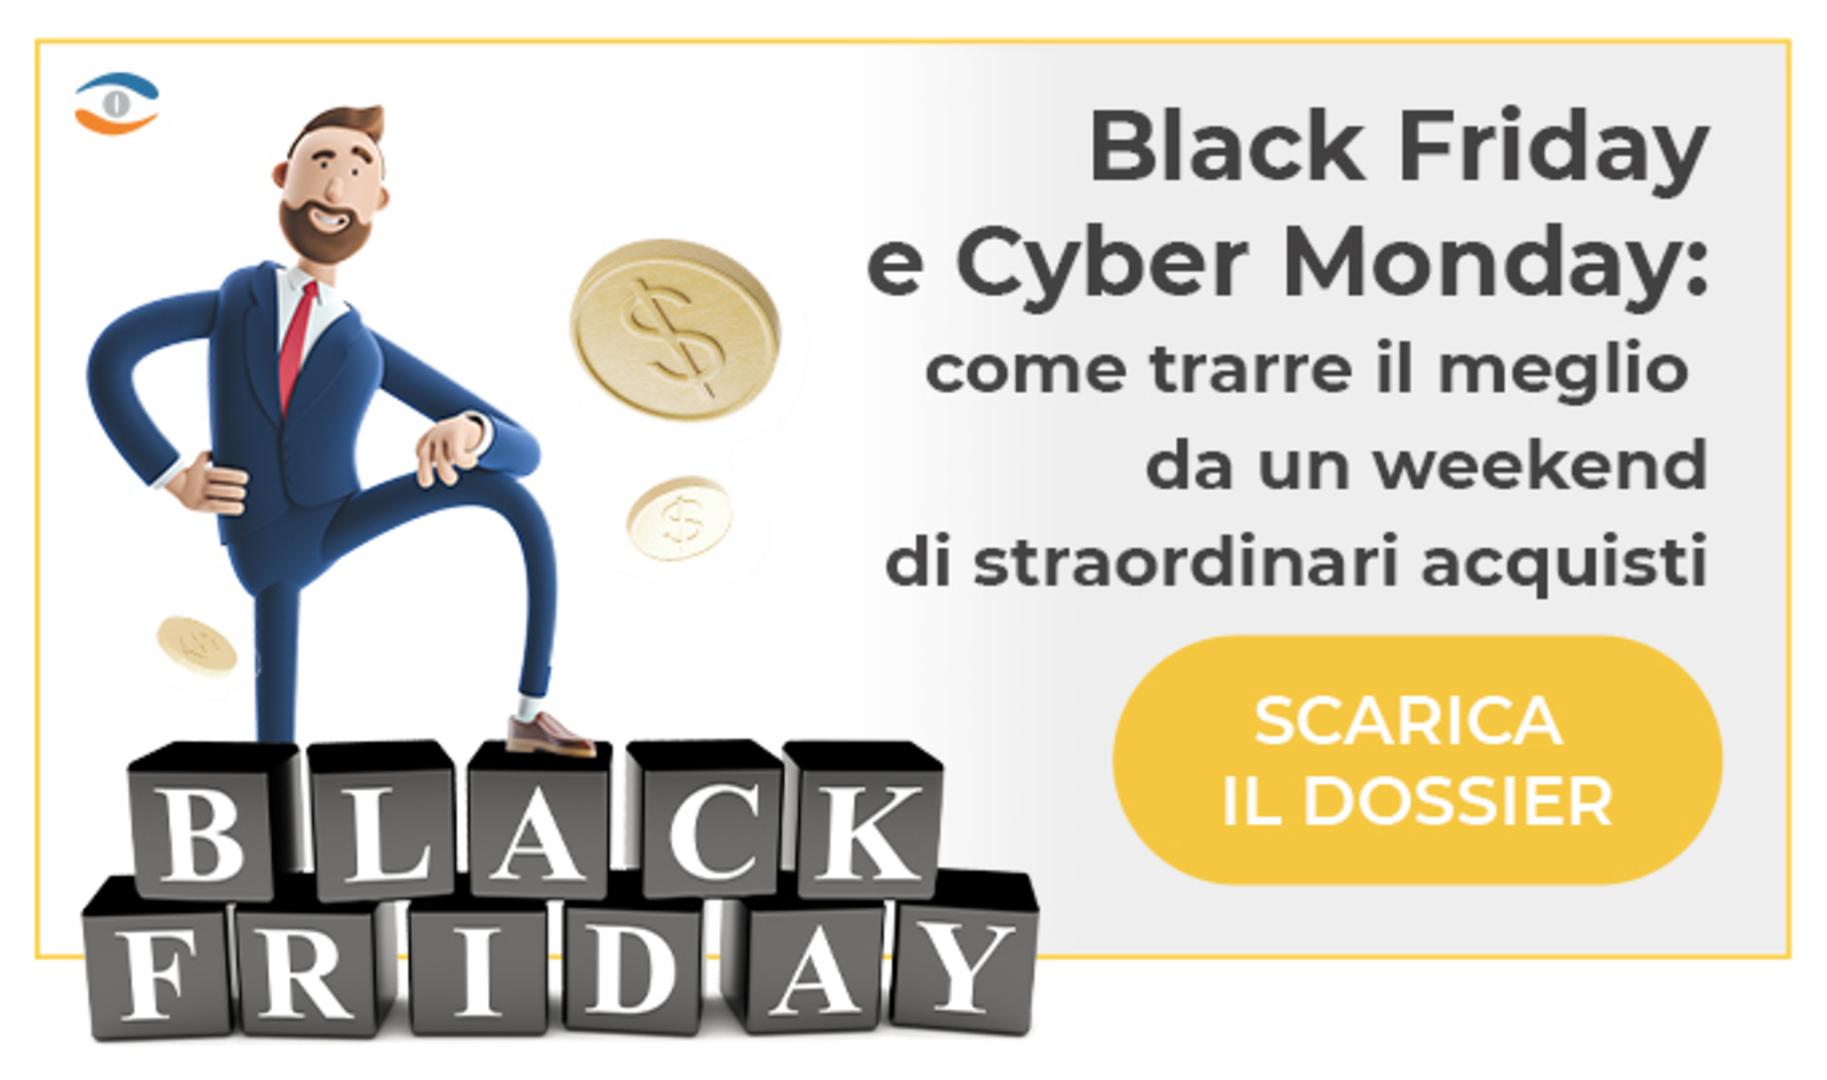 banner news_35_E-commerce_BlackFriday2019